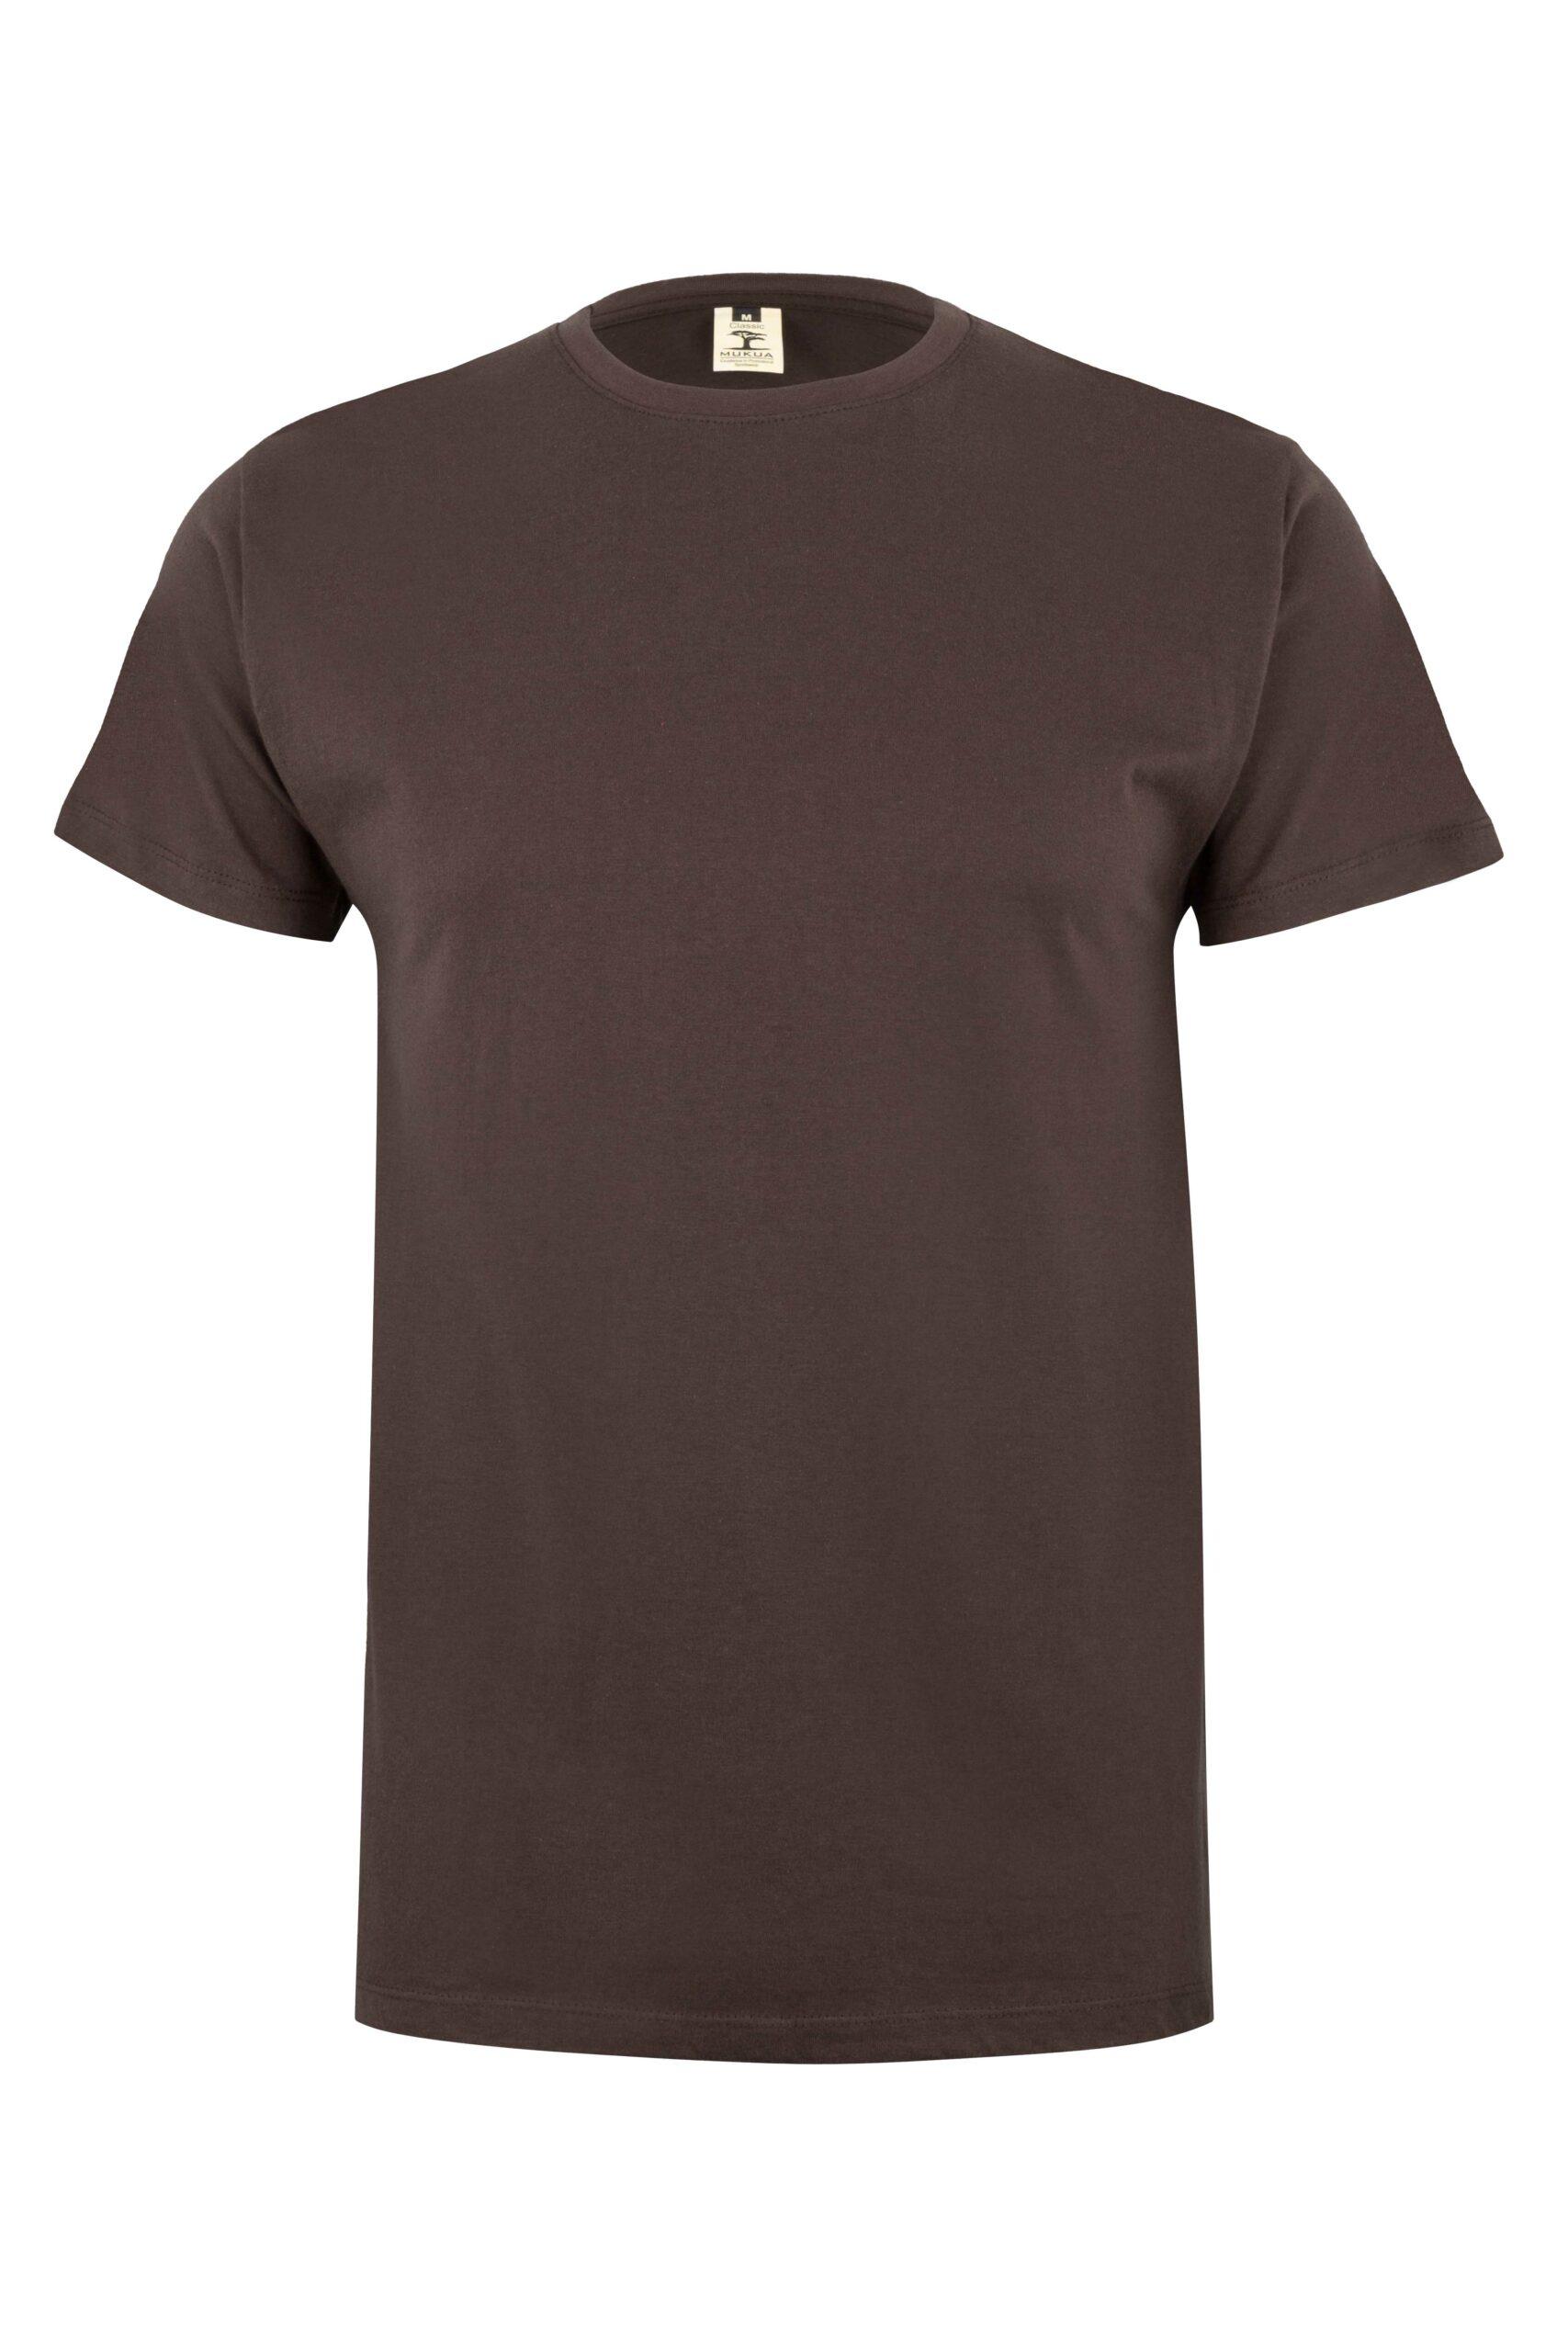 Mukua Mk022cv Camiseta Manga Corta 150gr Brown